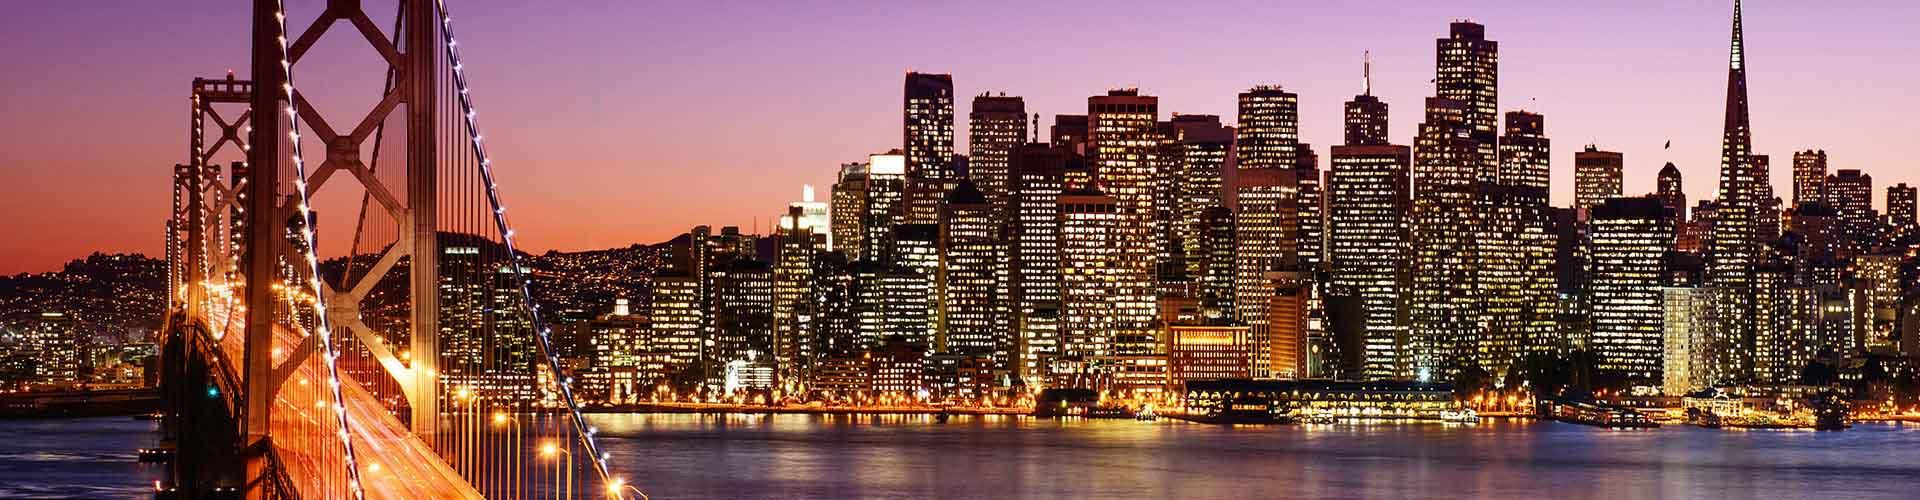 San Francisco - Ifjúsági Szállások San Franciscoben. San Francisco térképek, fotók és ajánlások minden egyes ifjúsági szállásokra San Francisco-ben.